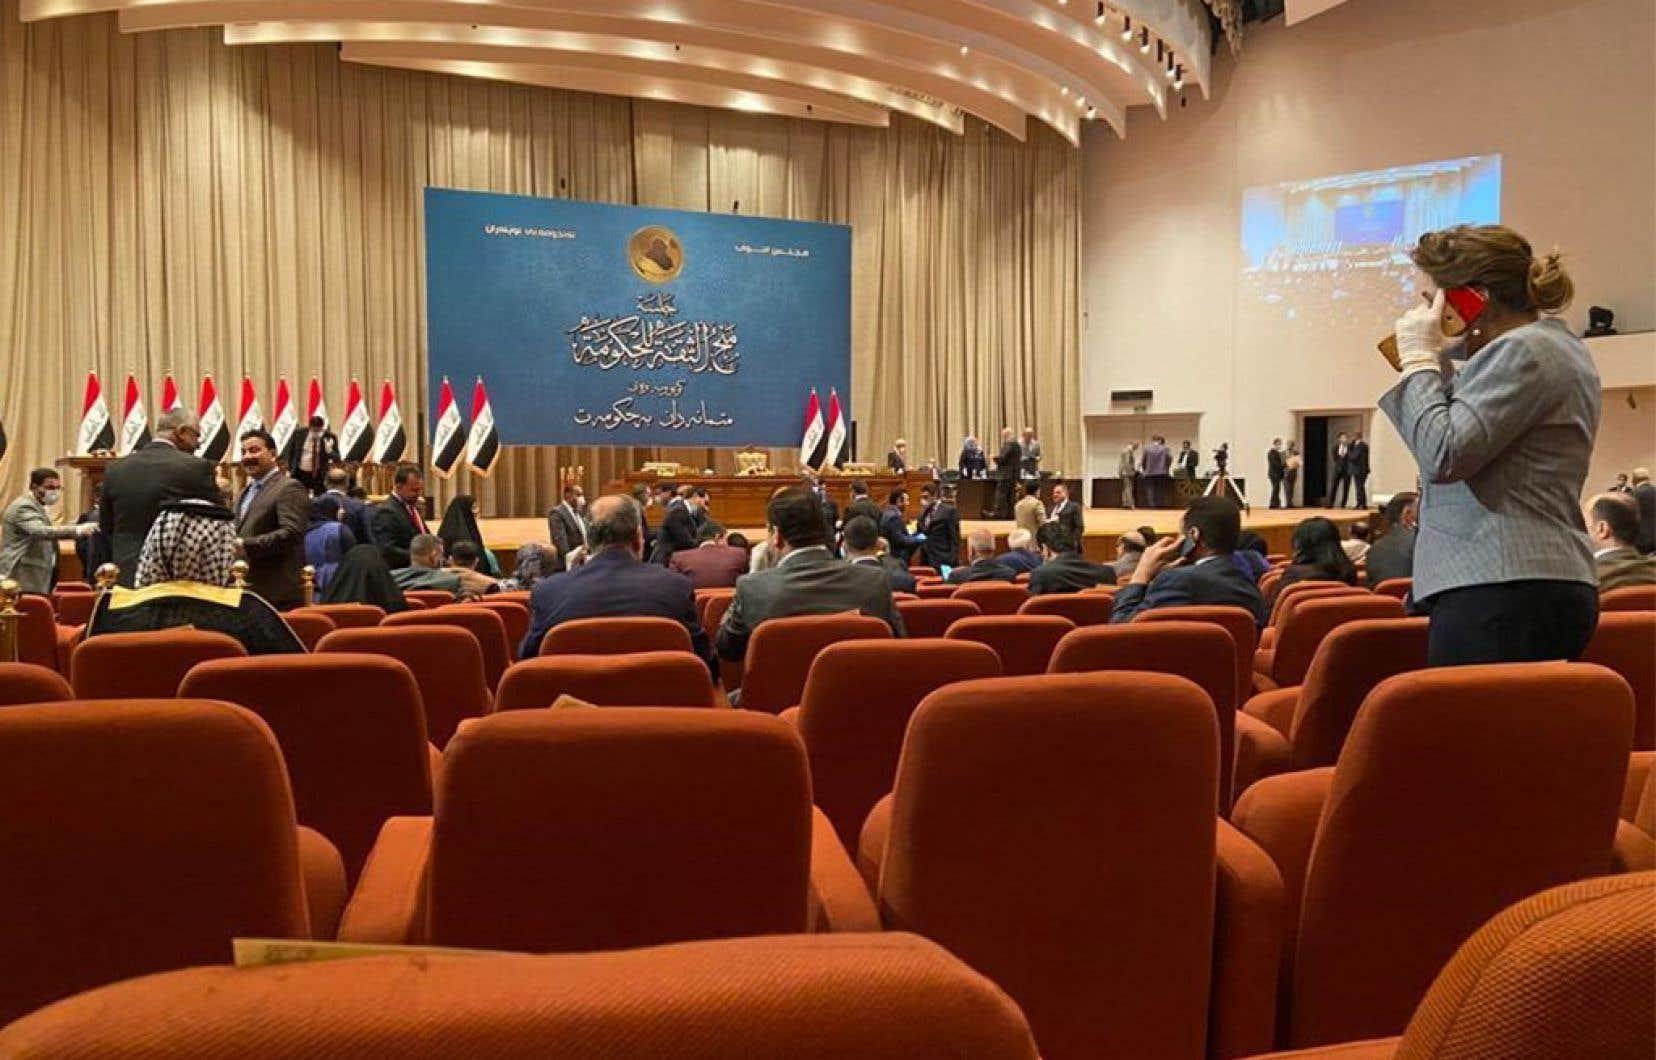 En octobre, l'Irak a été le théâtre d'une révolte populaire inédite par sa spontanéité et son ampleur, réclamant un renouvellement complet du système politique et de tous ses hommes.